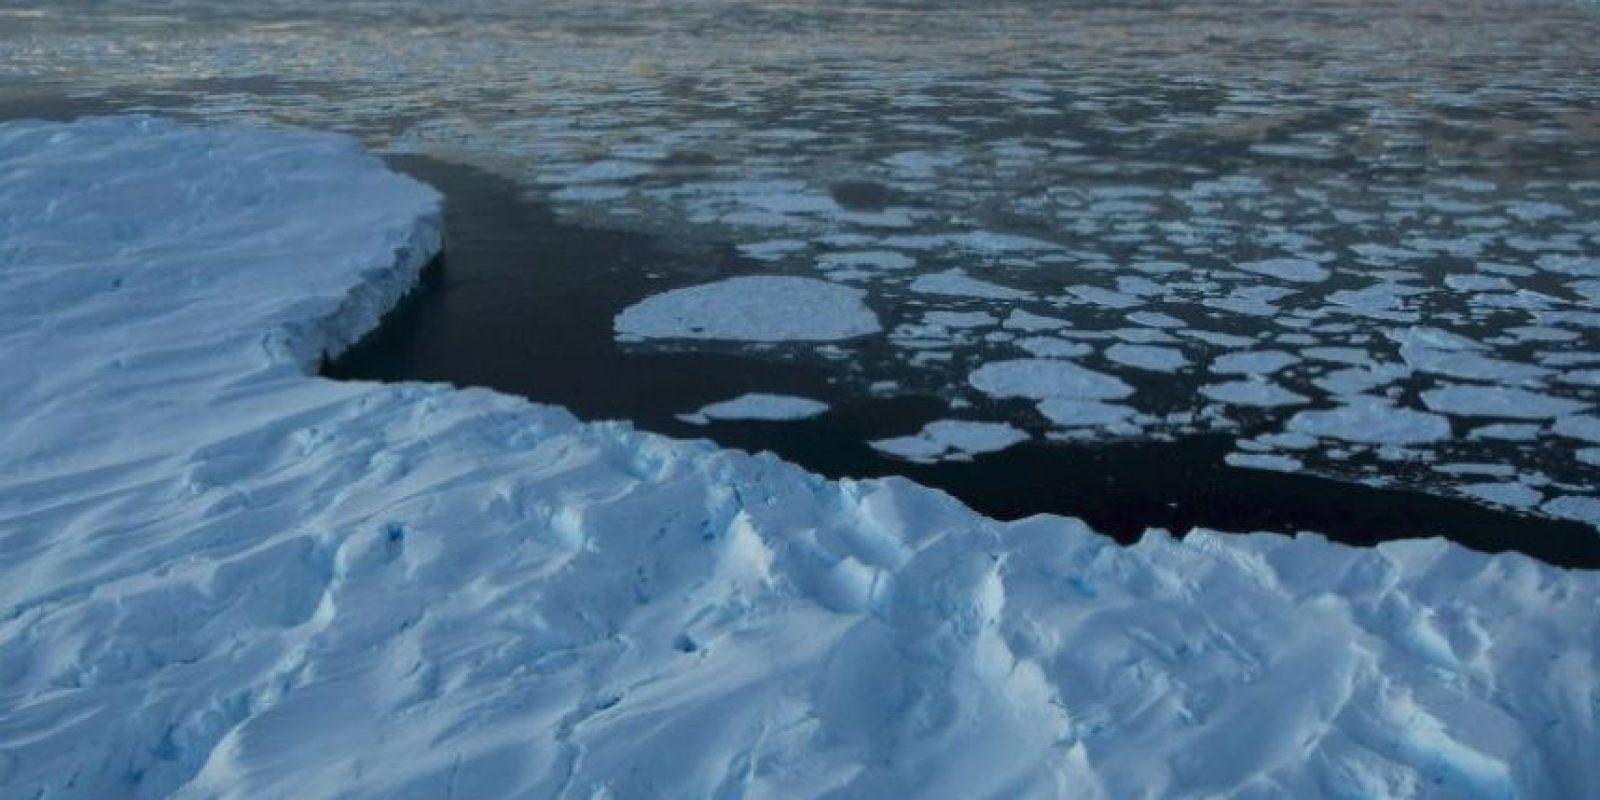 El cambio climático ha hecho que los témpanos se derritan en la bahía Vincennes, en el Territorio Antártico Australiano. Foto:Getty Images